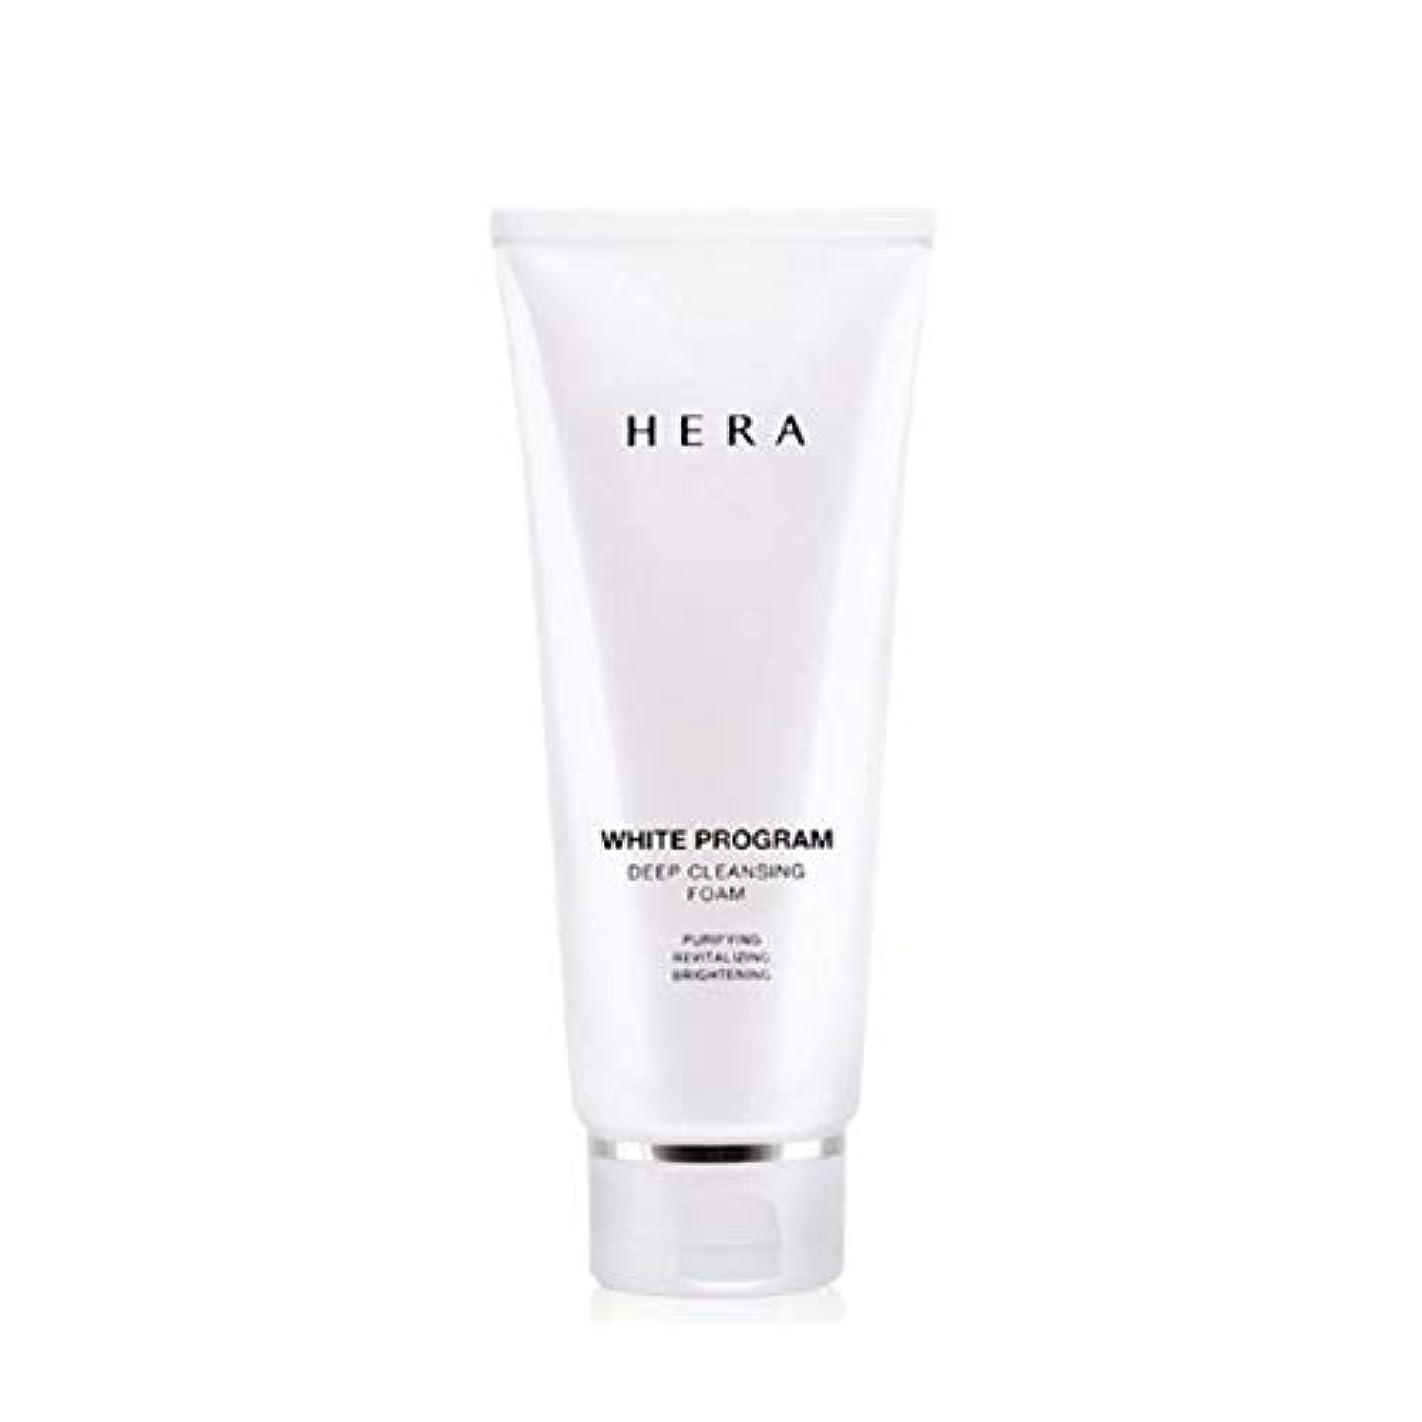 啓発する悲しいことに気難しいヘラホワイトプログラムディープクレンジングフォーム200ml韓国コスメ、Hera White Program Deep Cleansing Foam 200ml Korean Cosmetics [並行輸入品]